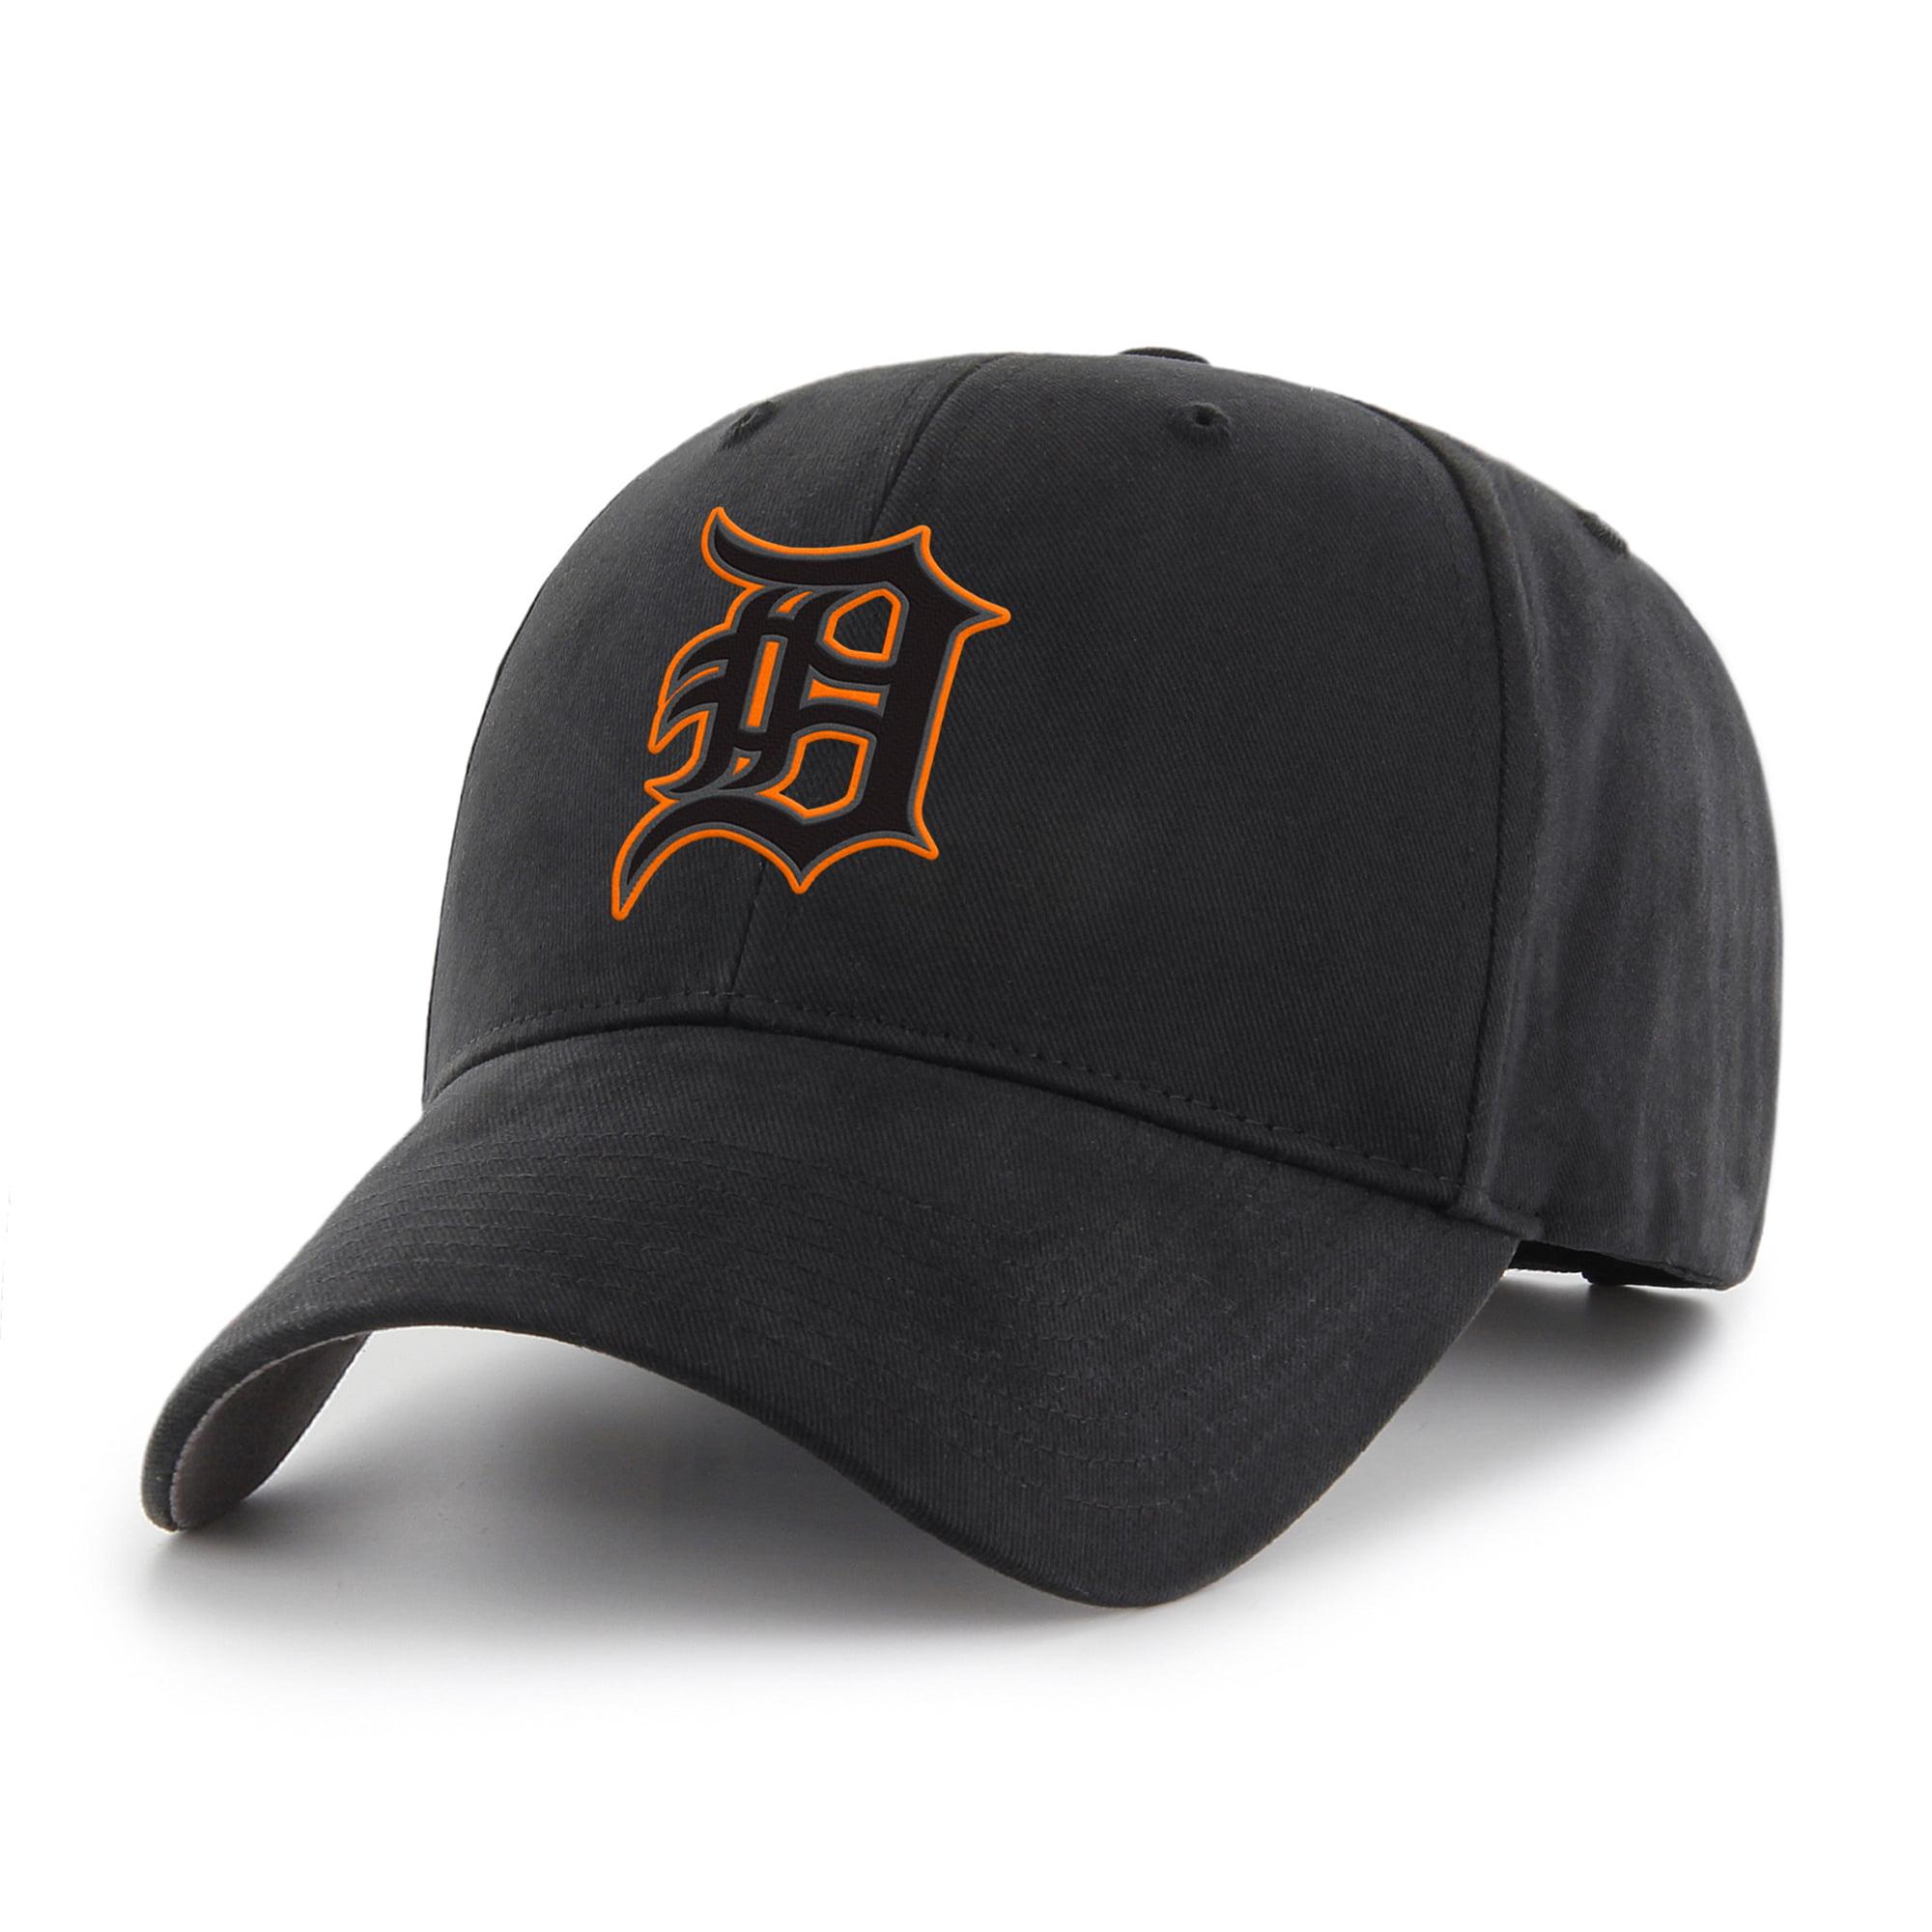 8745703ab87 Detroit Tigers Team Shop - Walmart.com